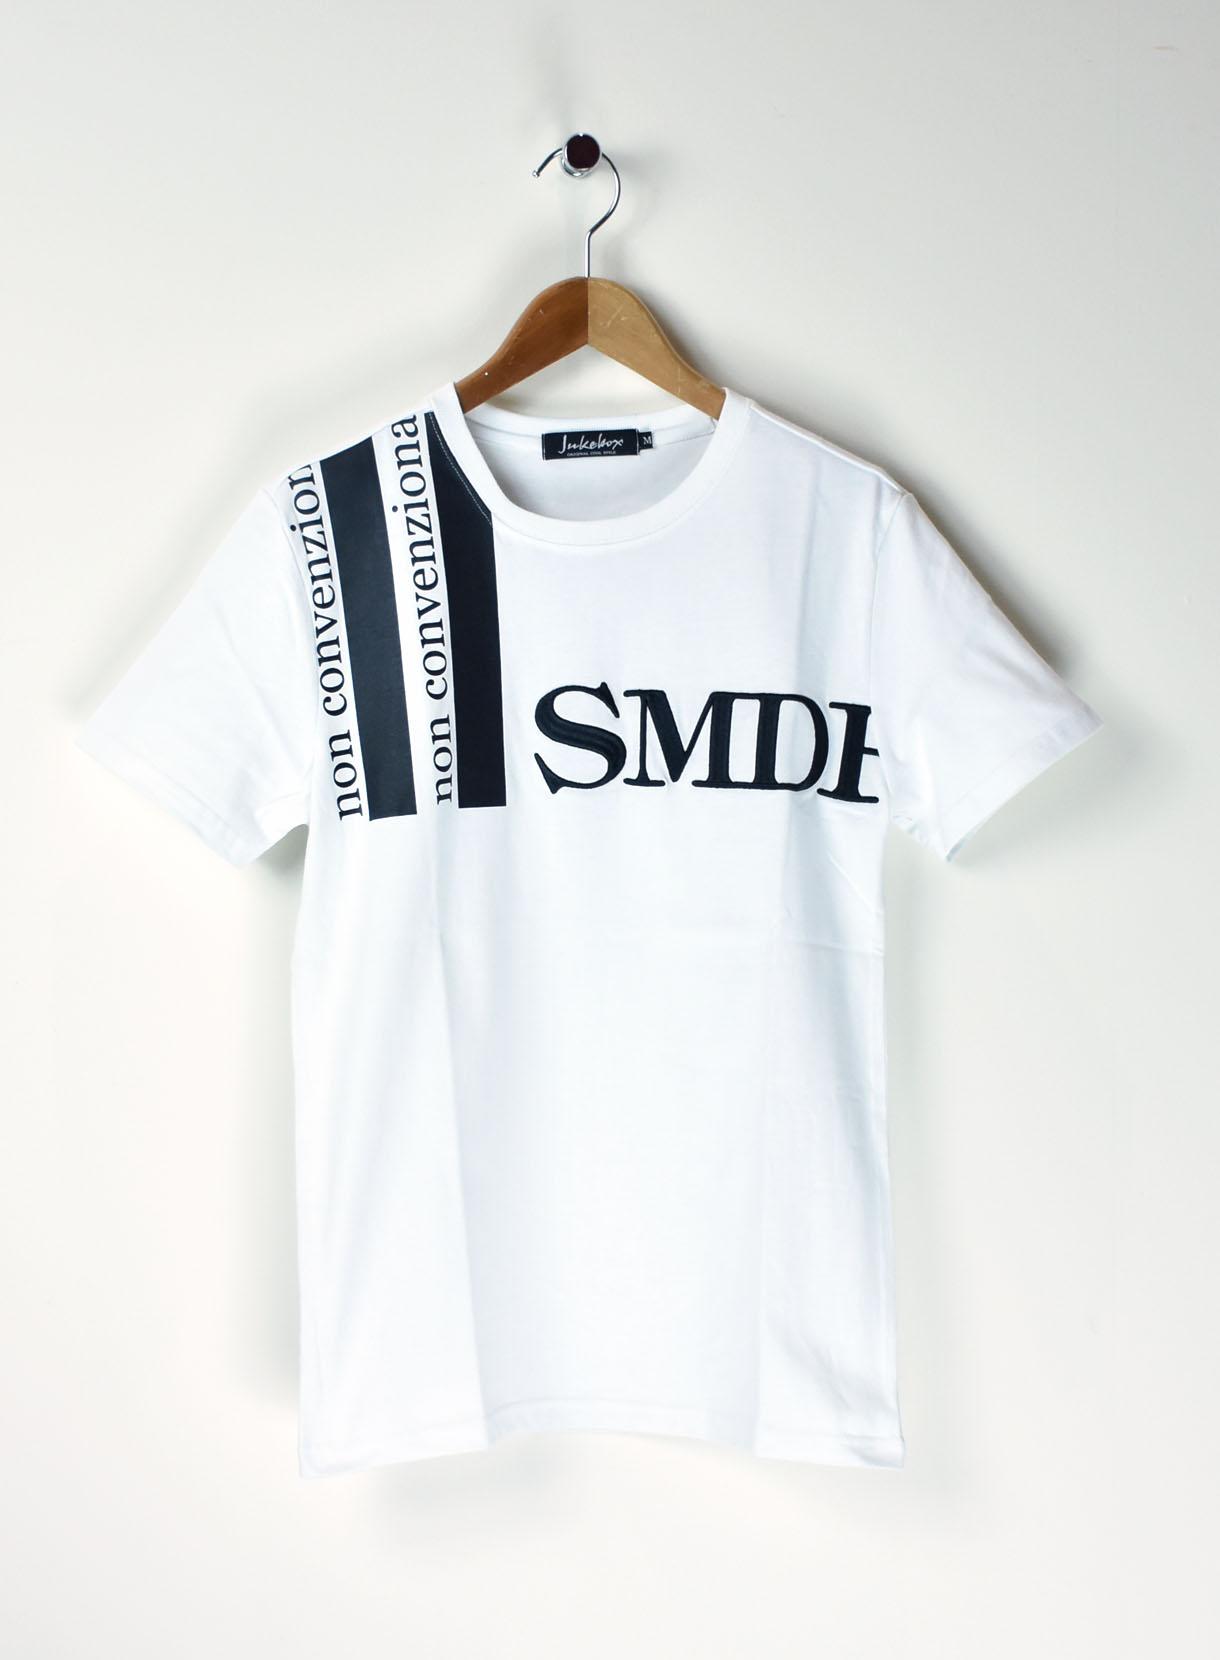 JUKEBOXショルダーPTTシャツ